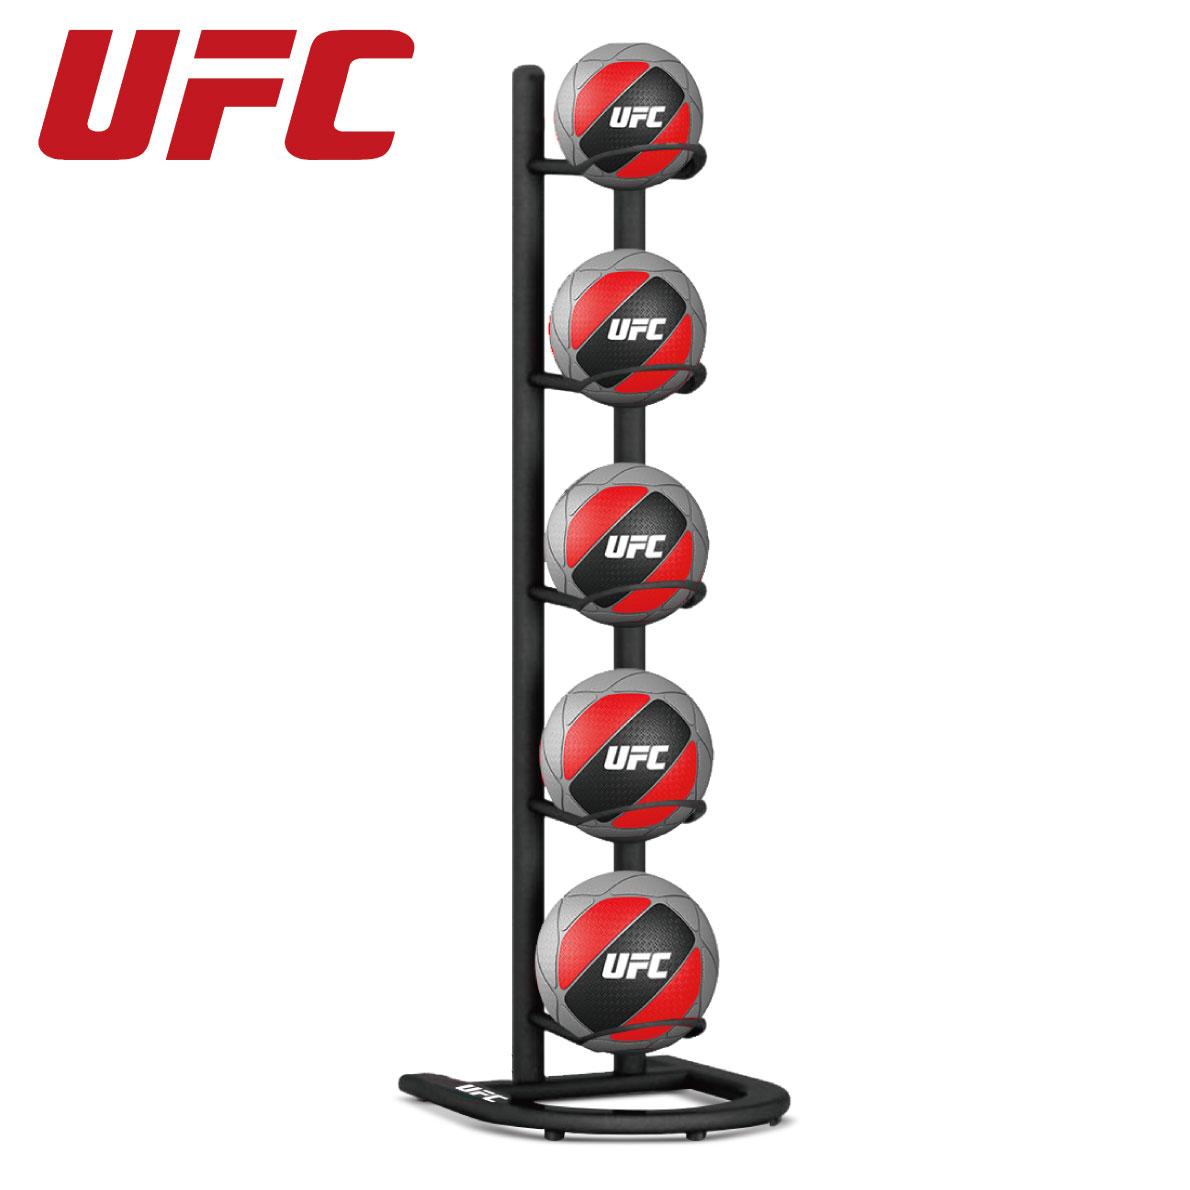 マルチボールツリー/ボールラック5個収納(UFC-MDRK-6008)〈業務用〉《総合格闘技UFCオフィシャル》